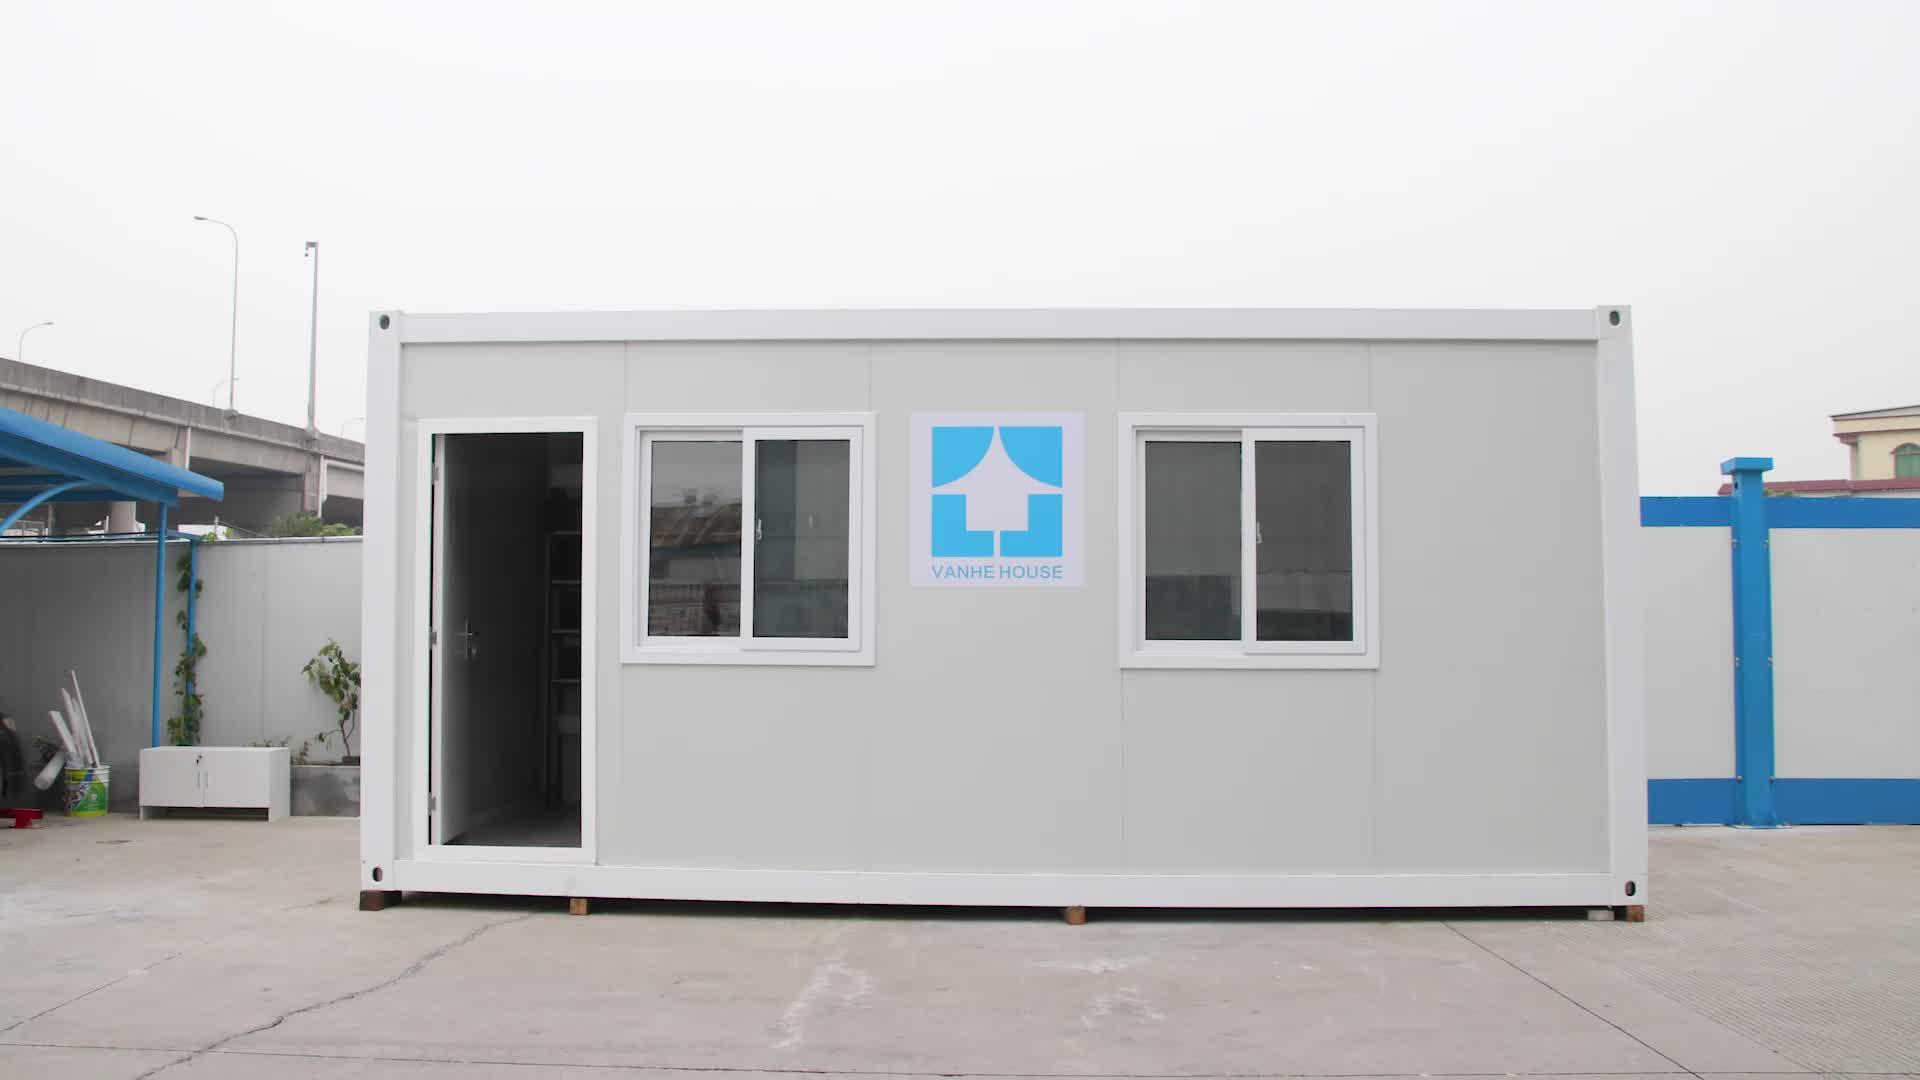 Çin Evleri Prefabrik Konteyner Evler Lüks